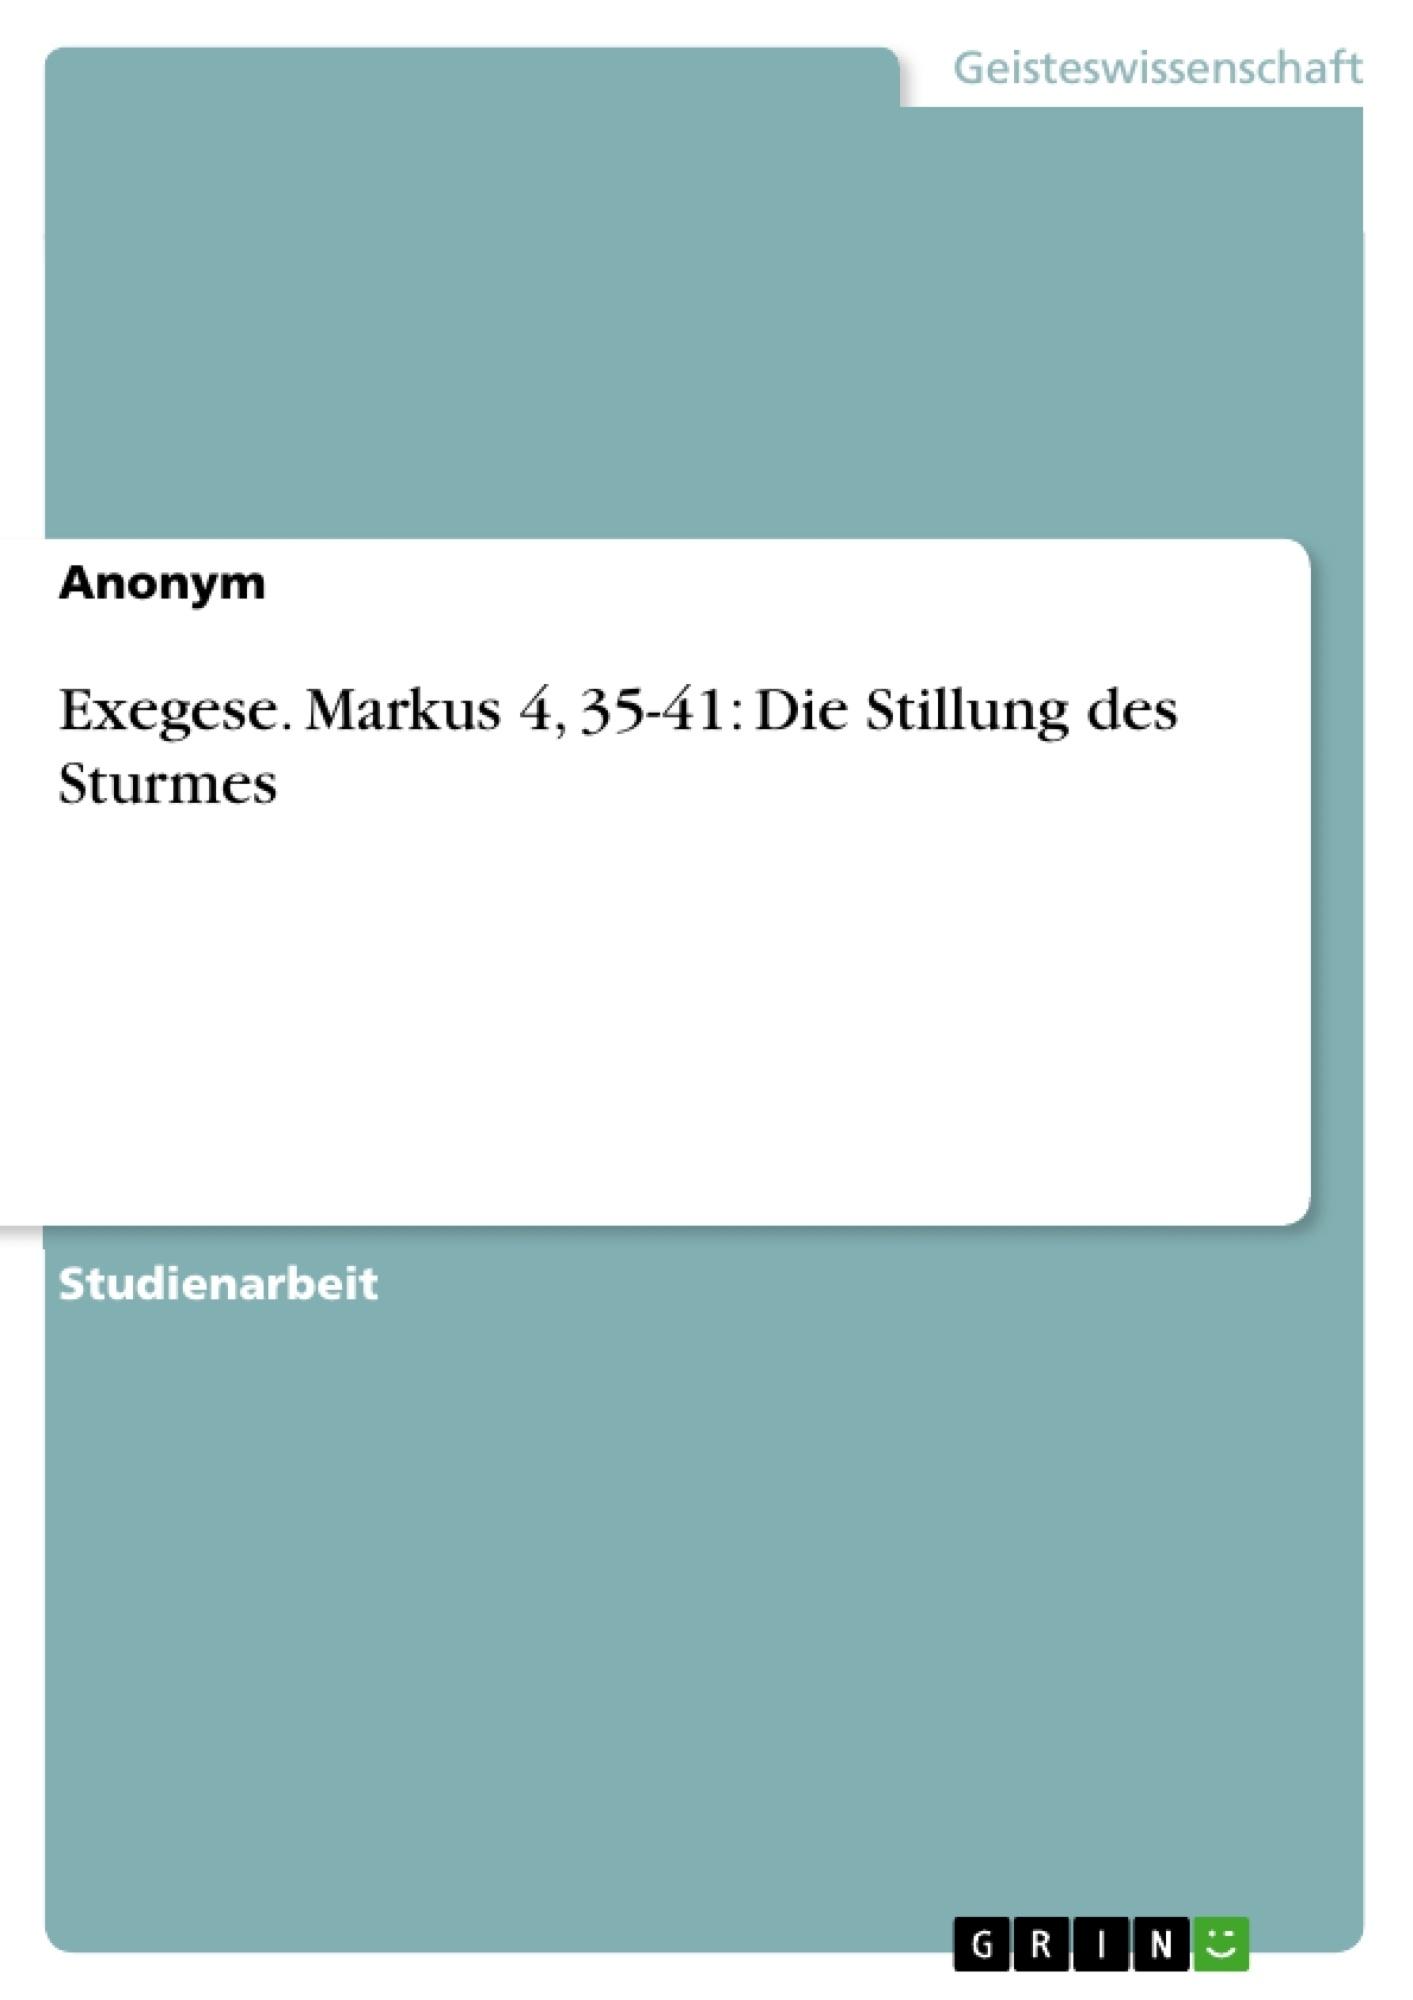 Titel: Exegese. Markus 4, 35-41: Die Stillung des Sturmes